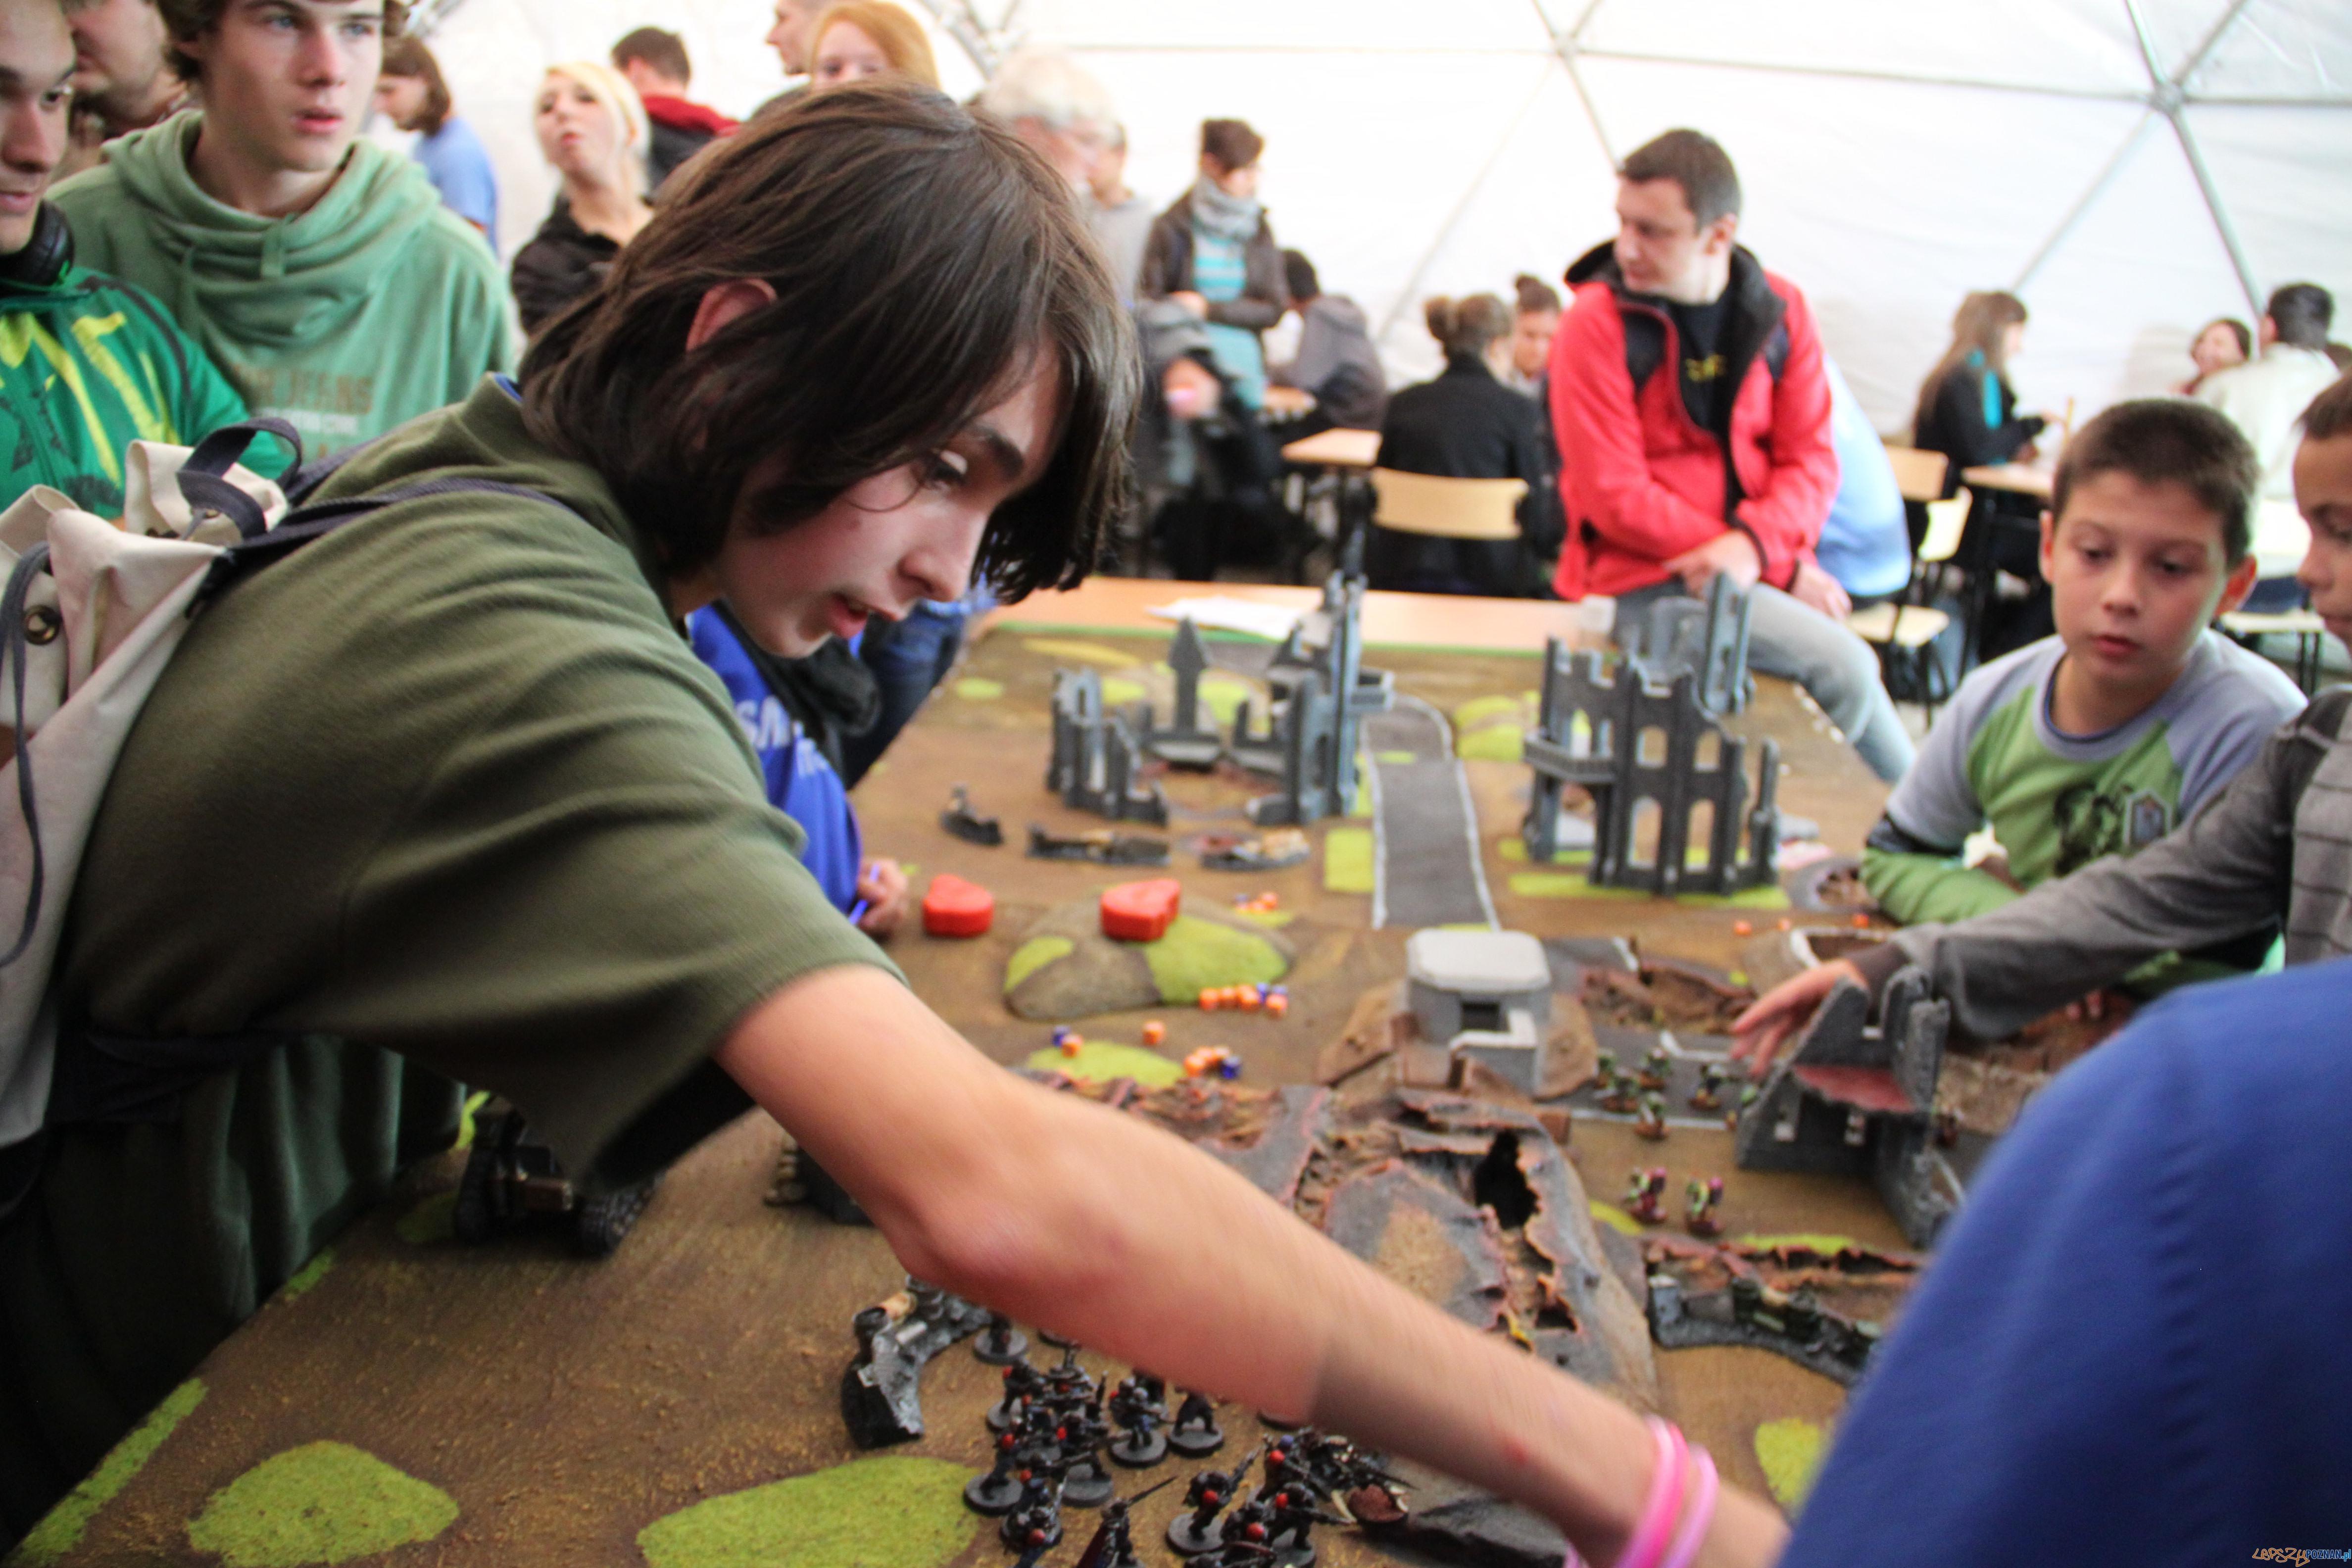 Gry strategiczne podczas Polibuda Gaming Zone  Foto: Tomasz Dworek